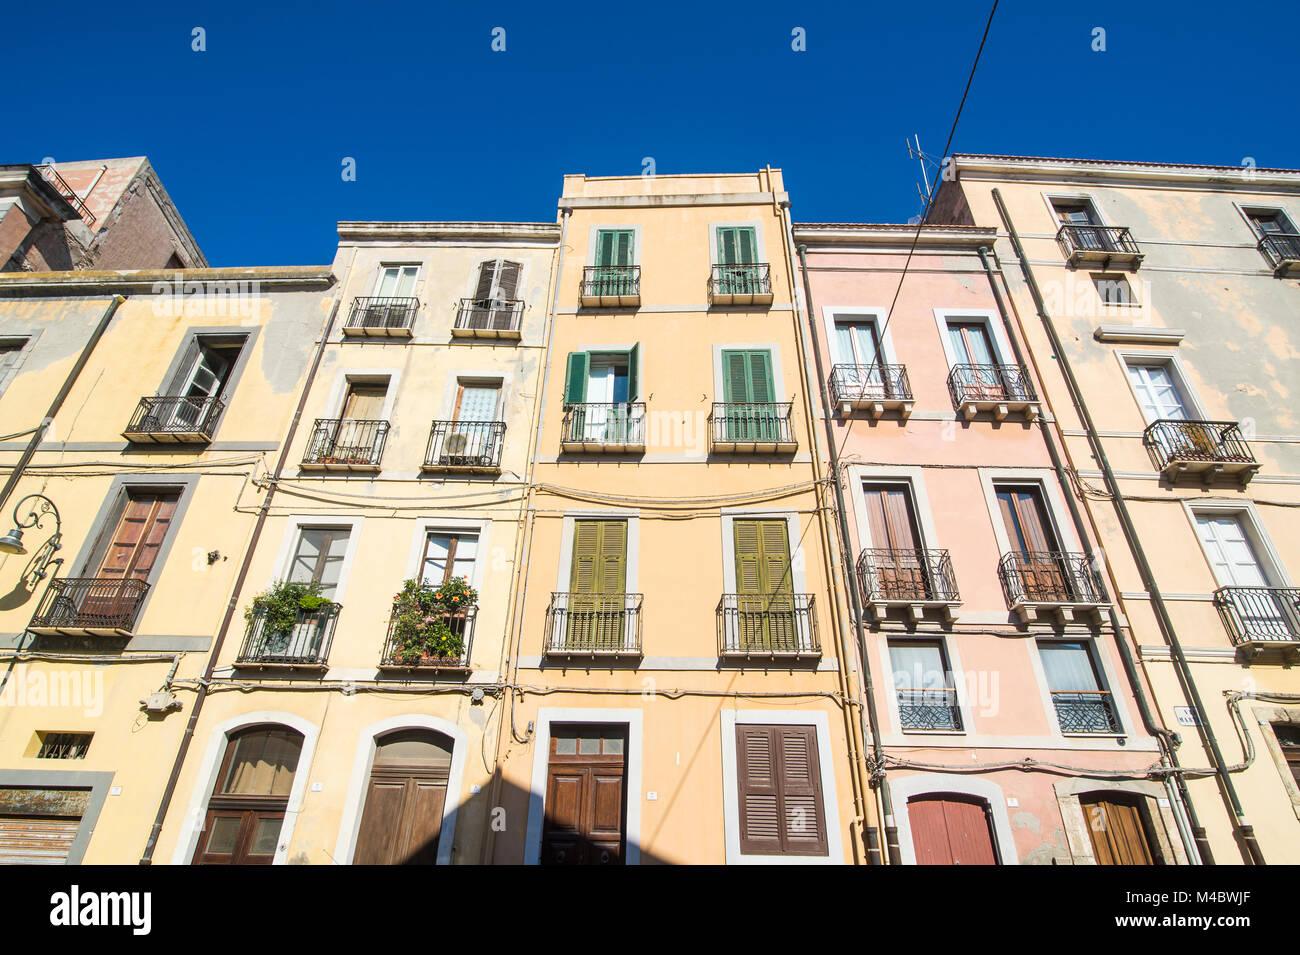 Alte Häuser in der Altstadt von Cagliari, Sardinien, Italien Stockbild